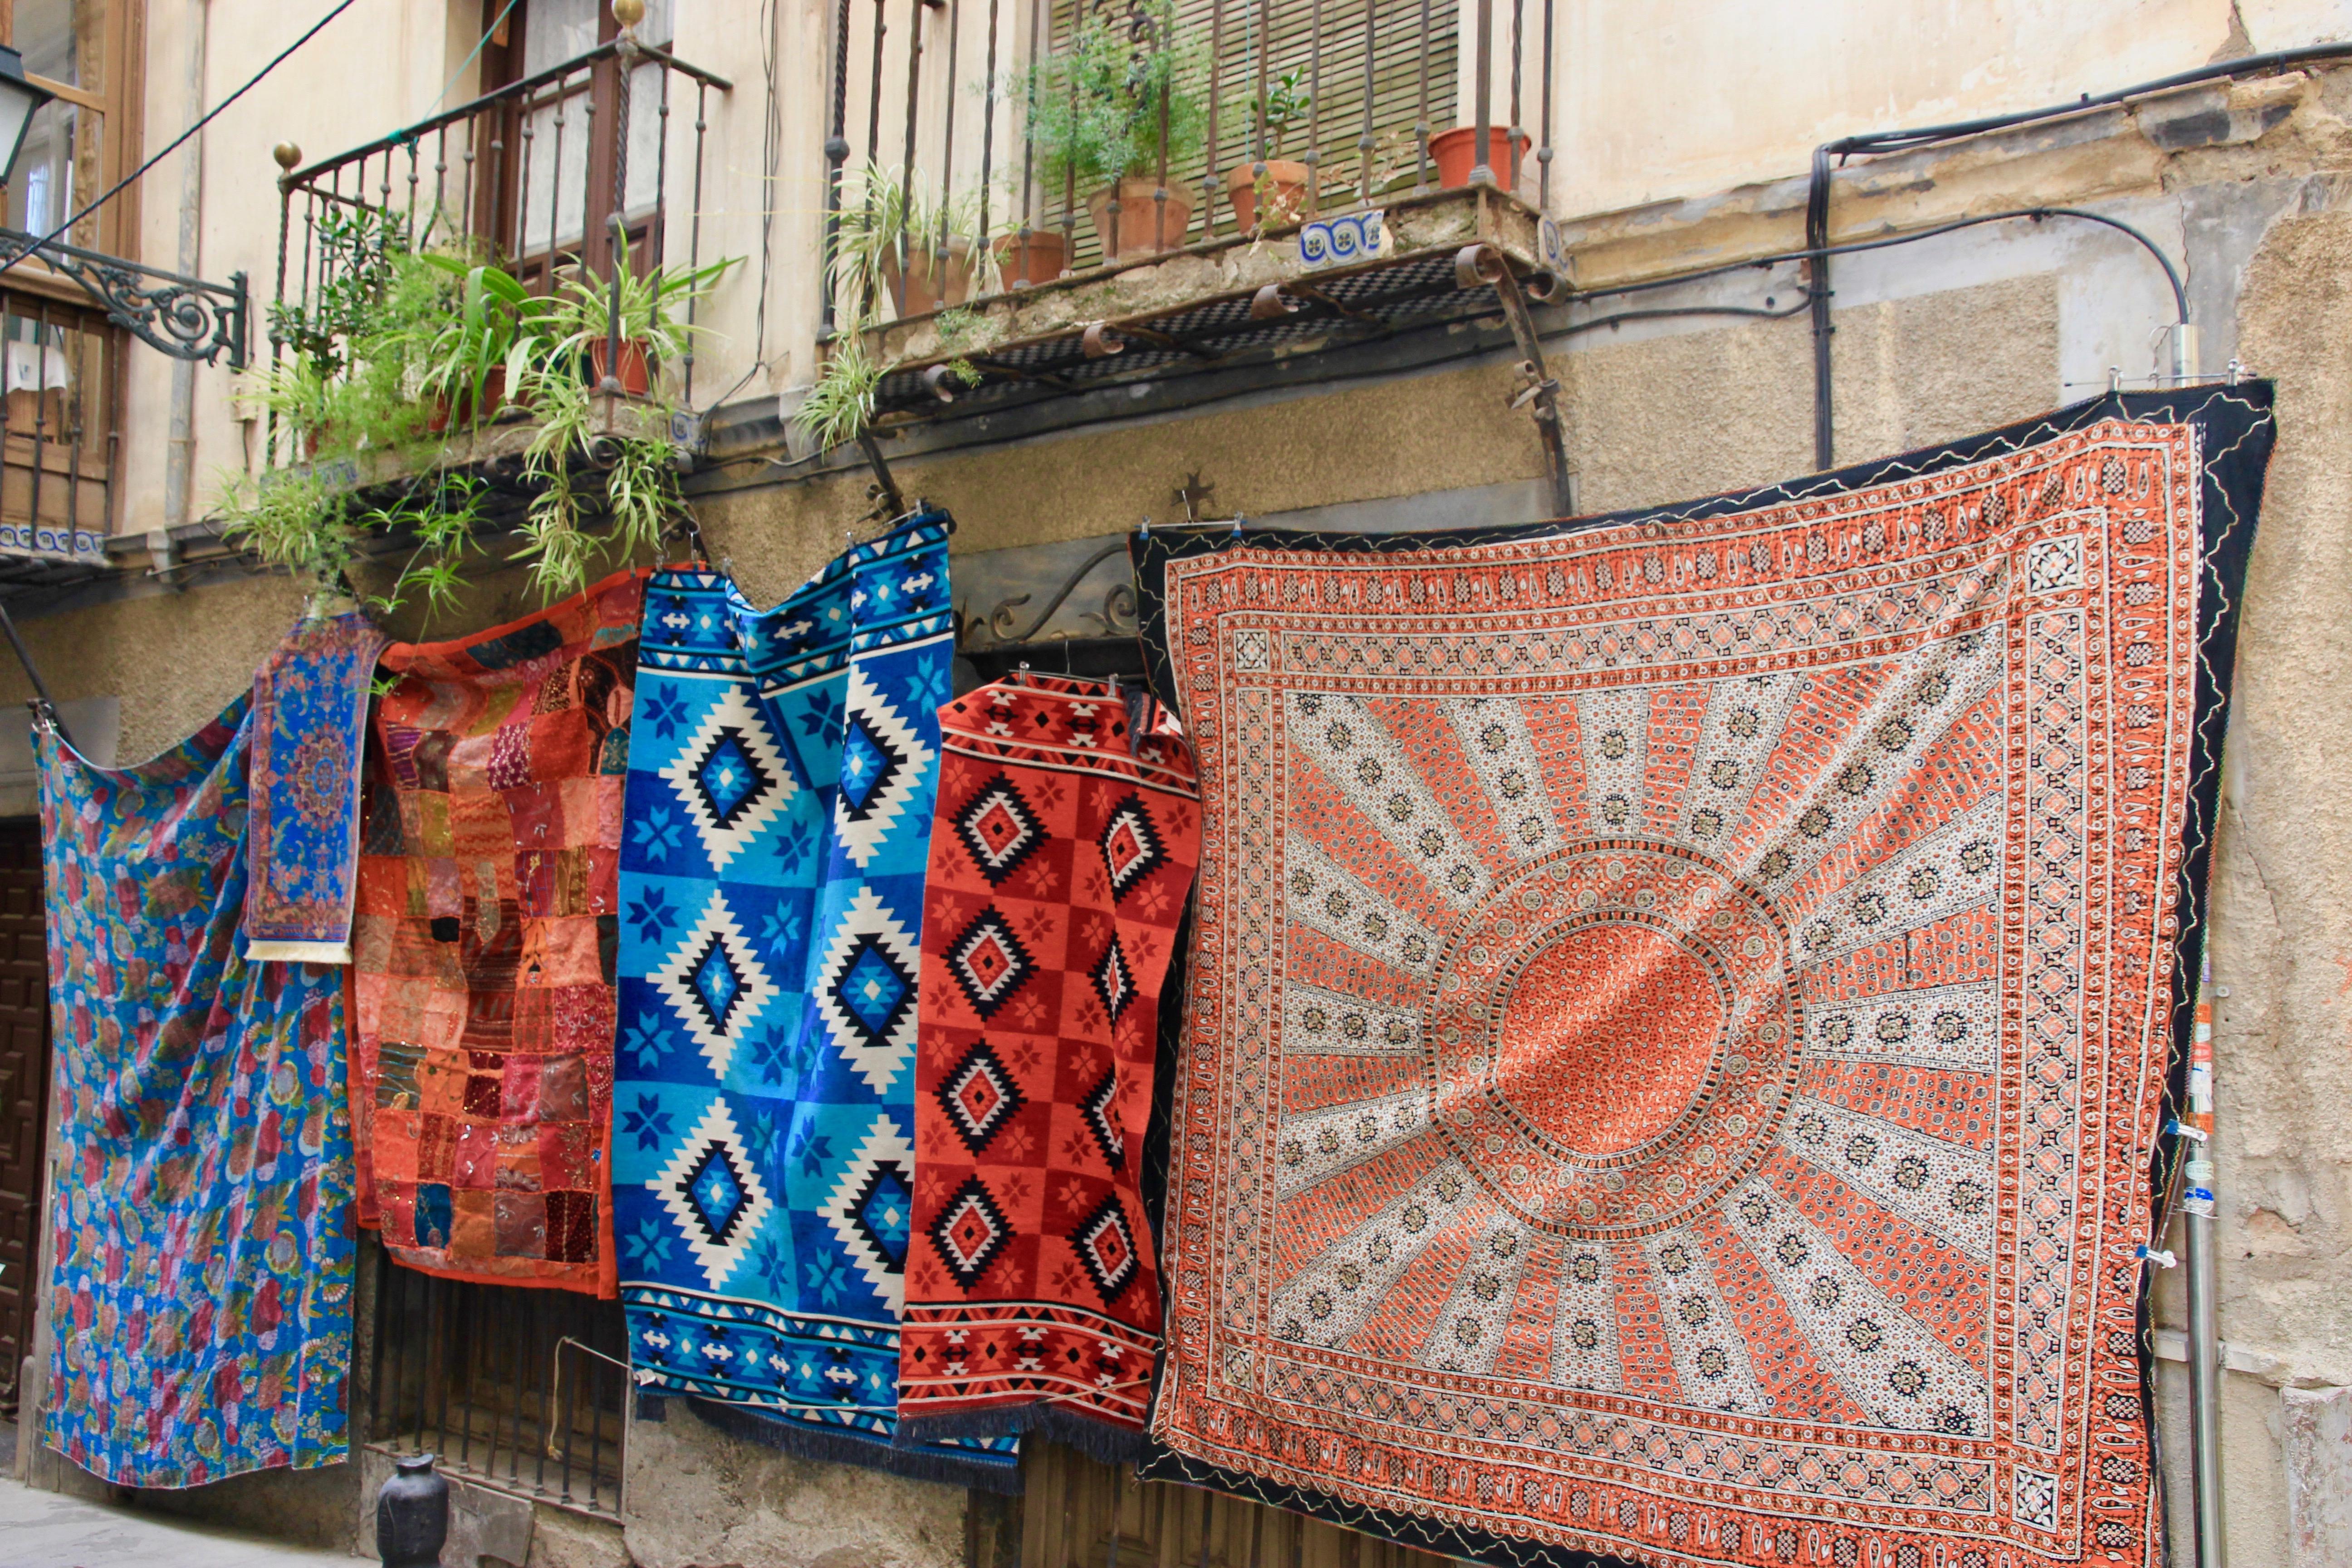 Granada in due giorni: cosa fare